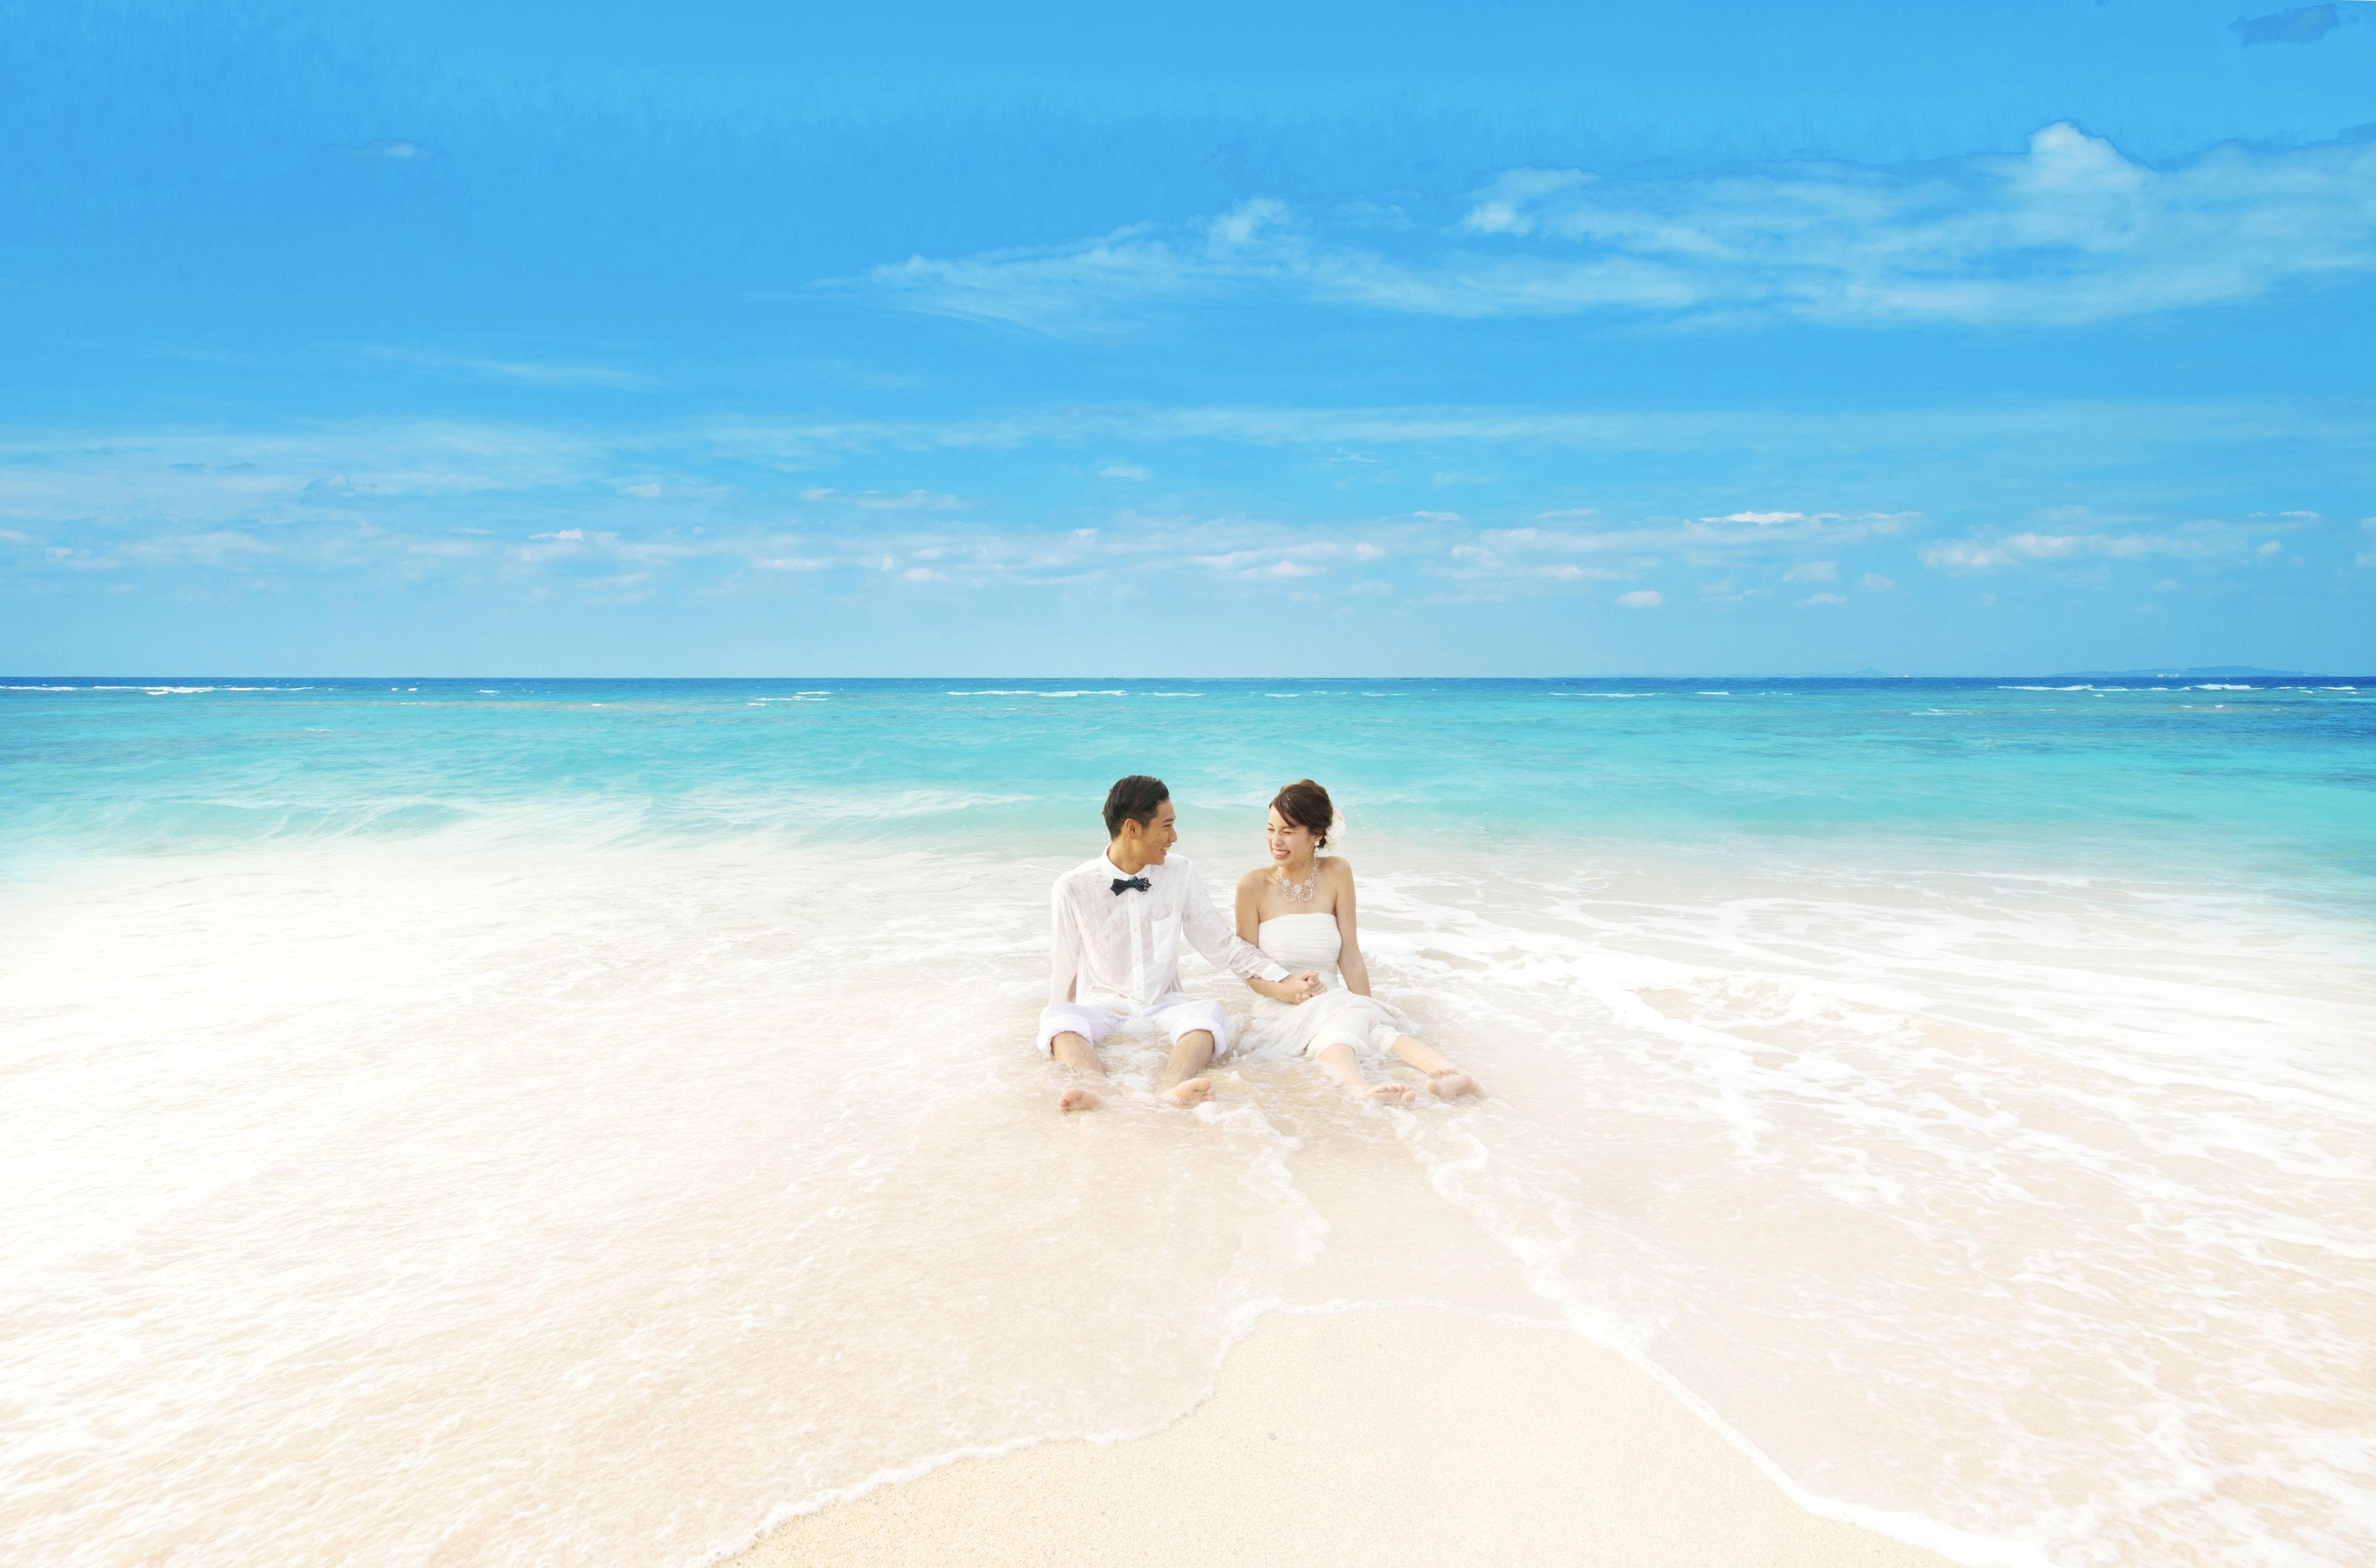 青い海!白いビーチ!